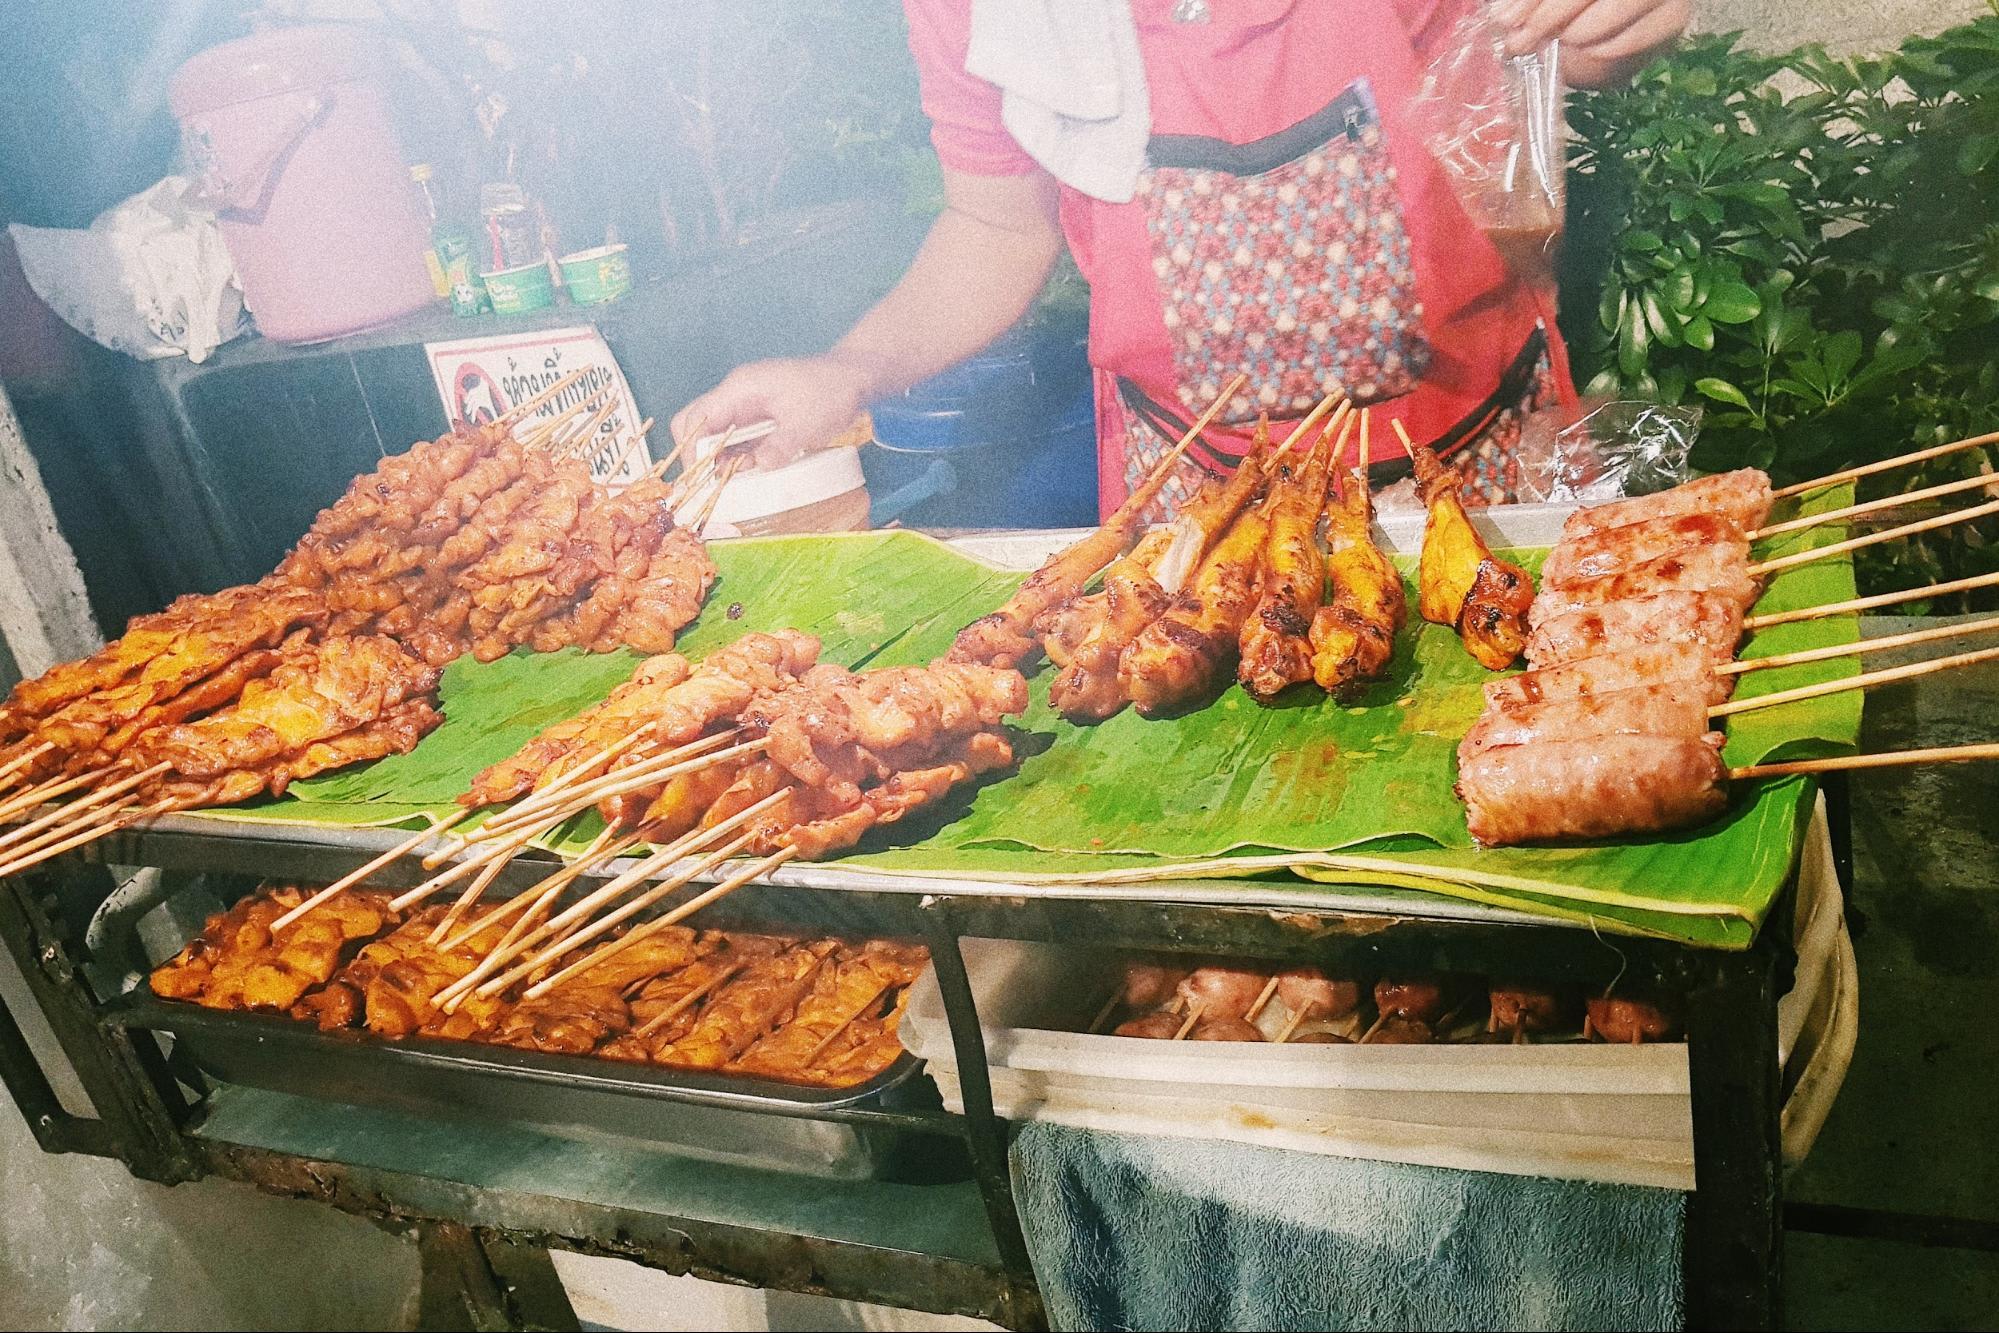 đồ nướng tại chợ đêm talad rot fai